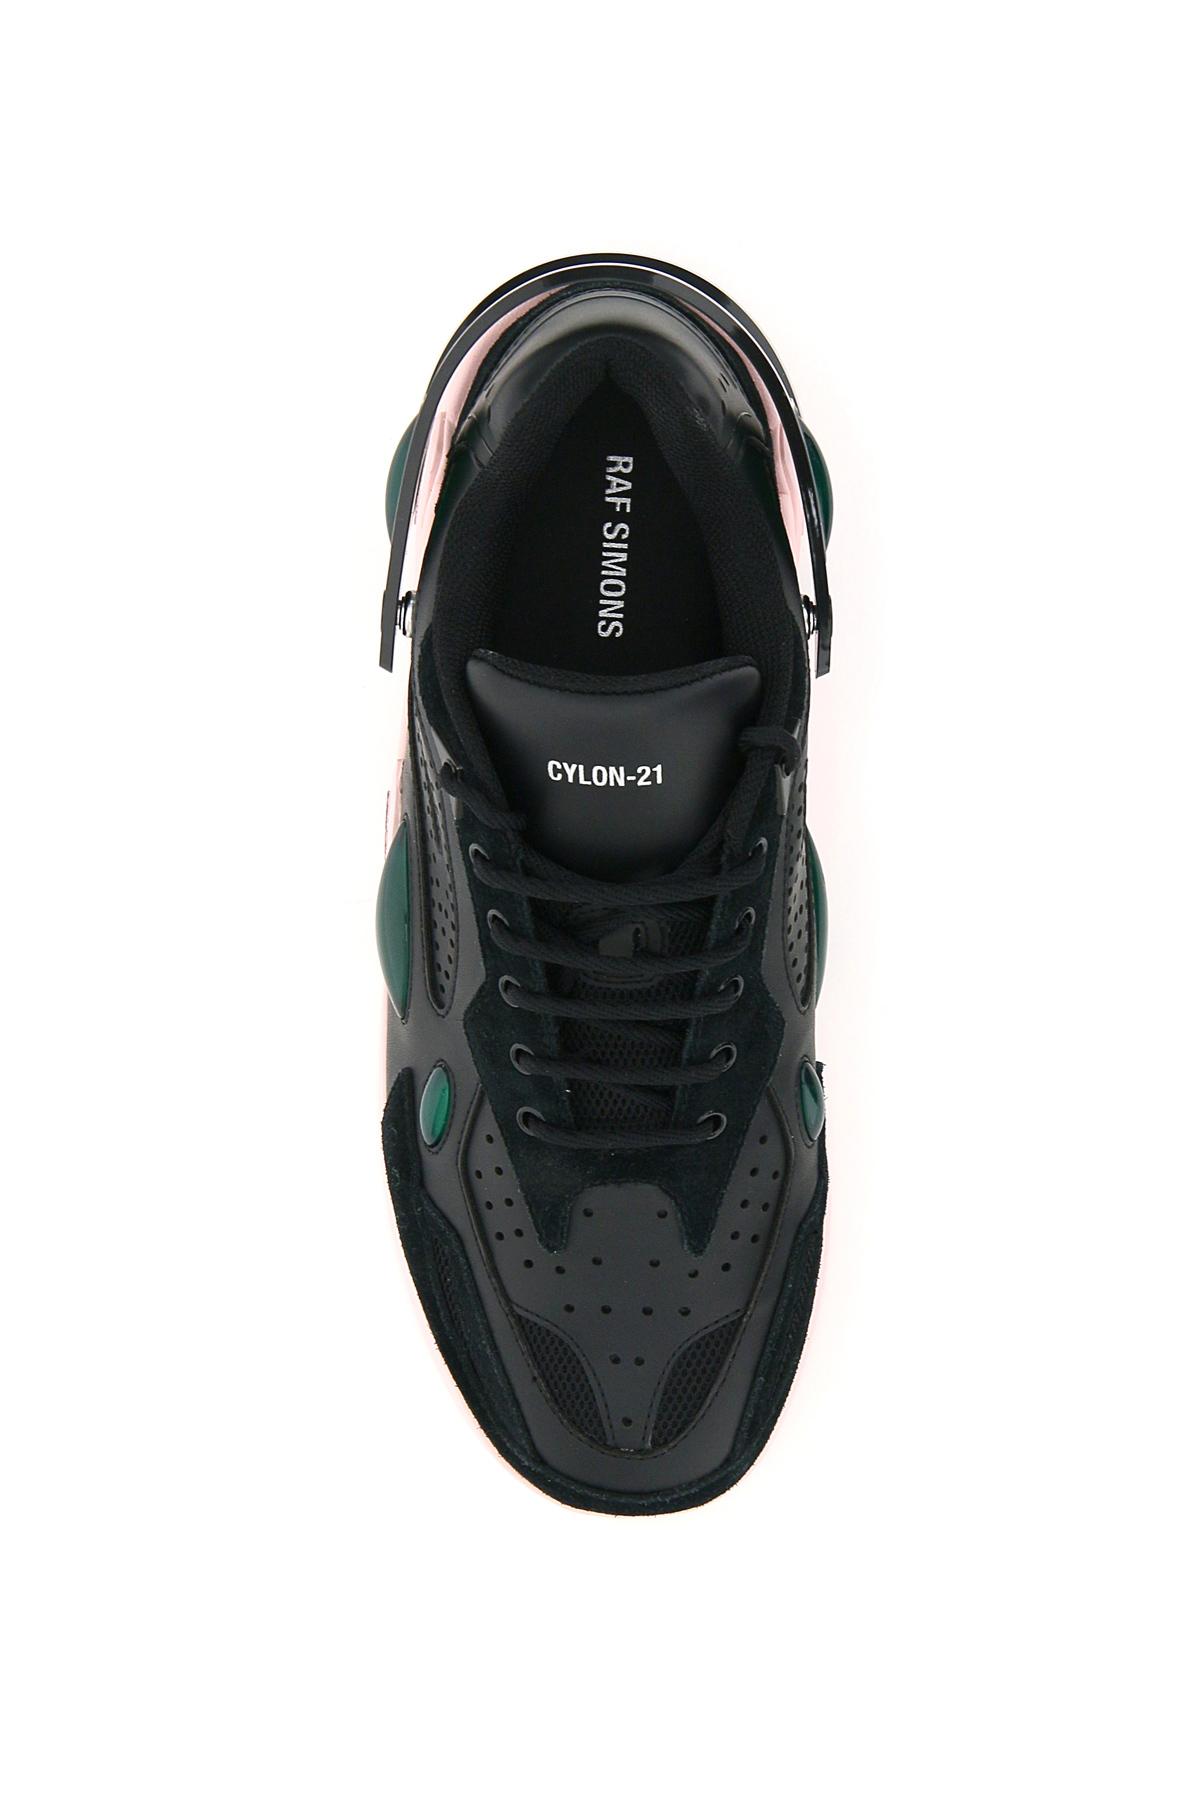 Raf simons sneaker runner cylon-21